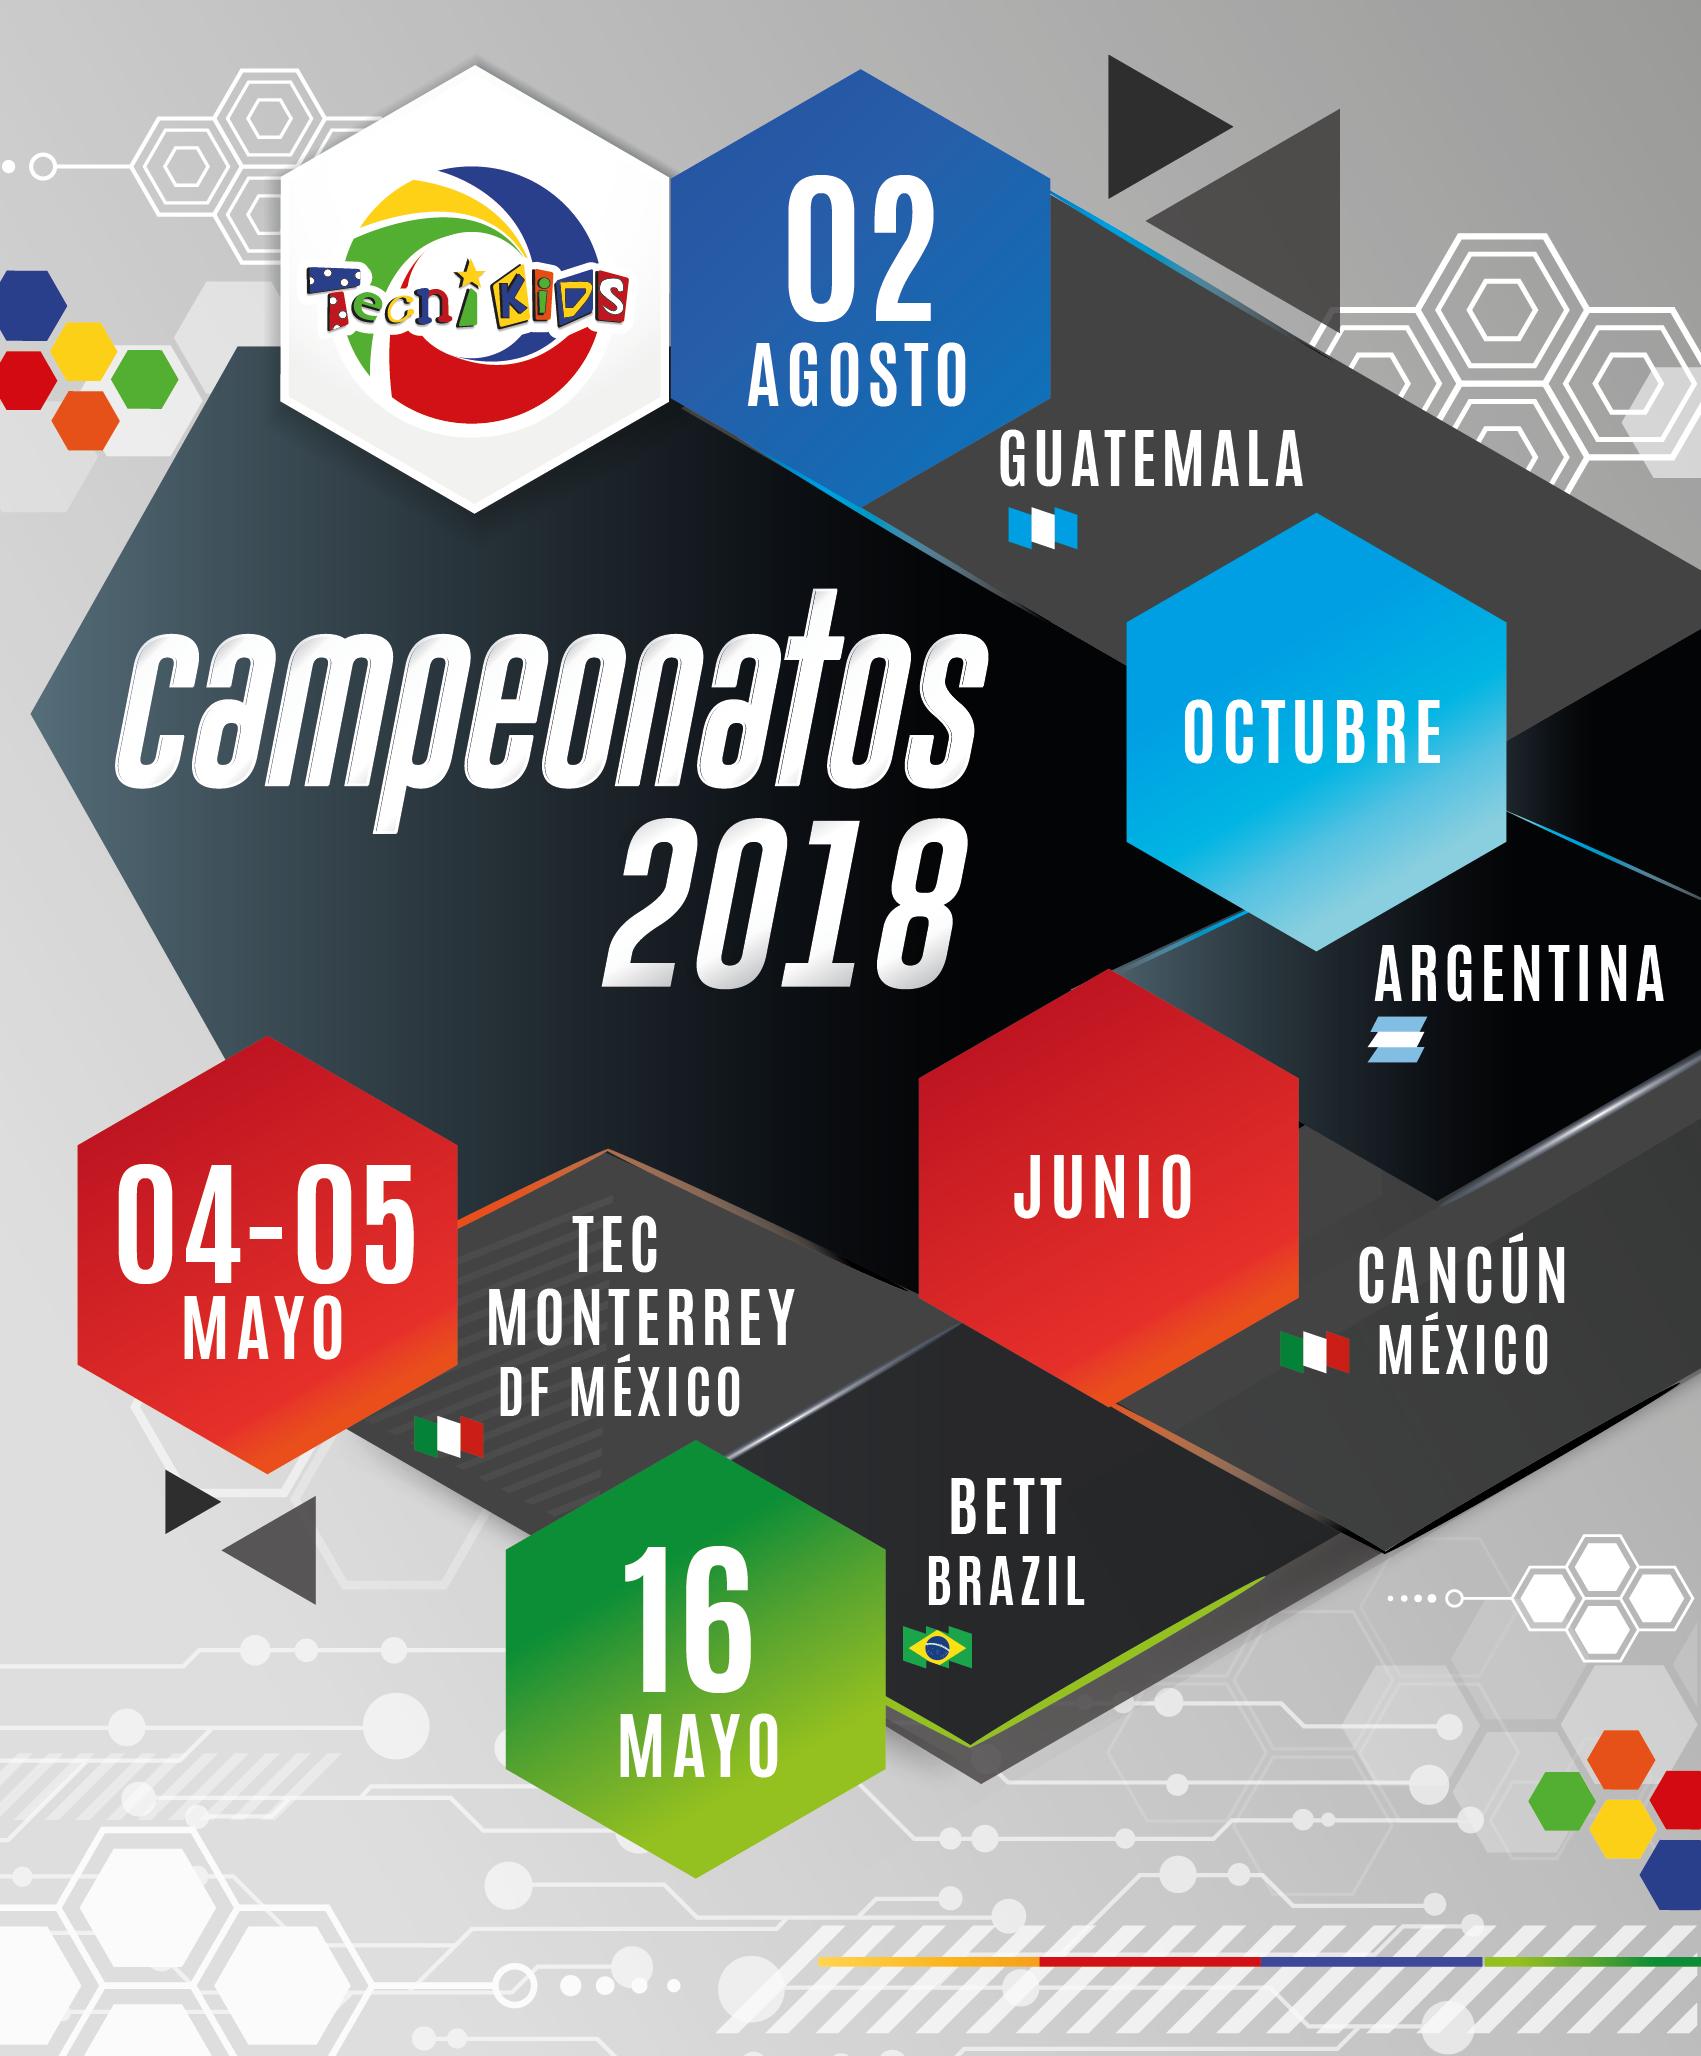 Campeonatos-2018-Aprobado